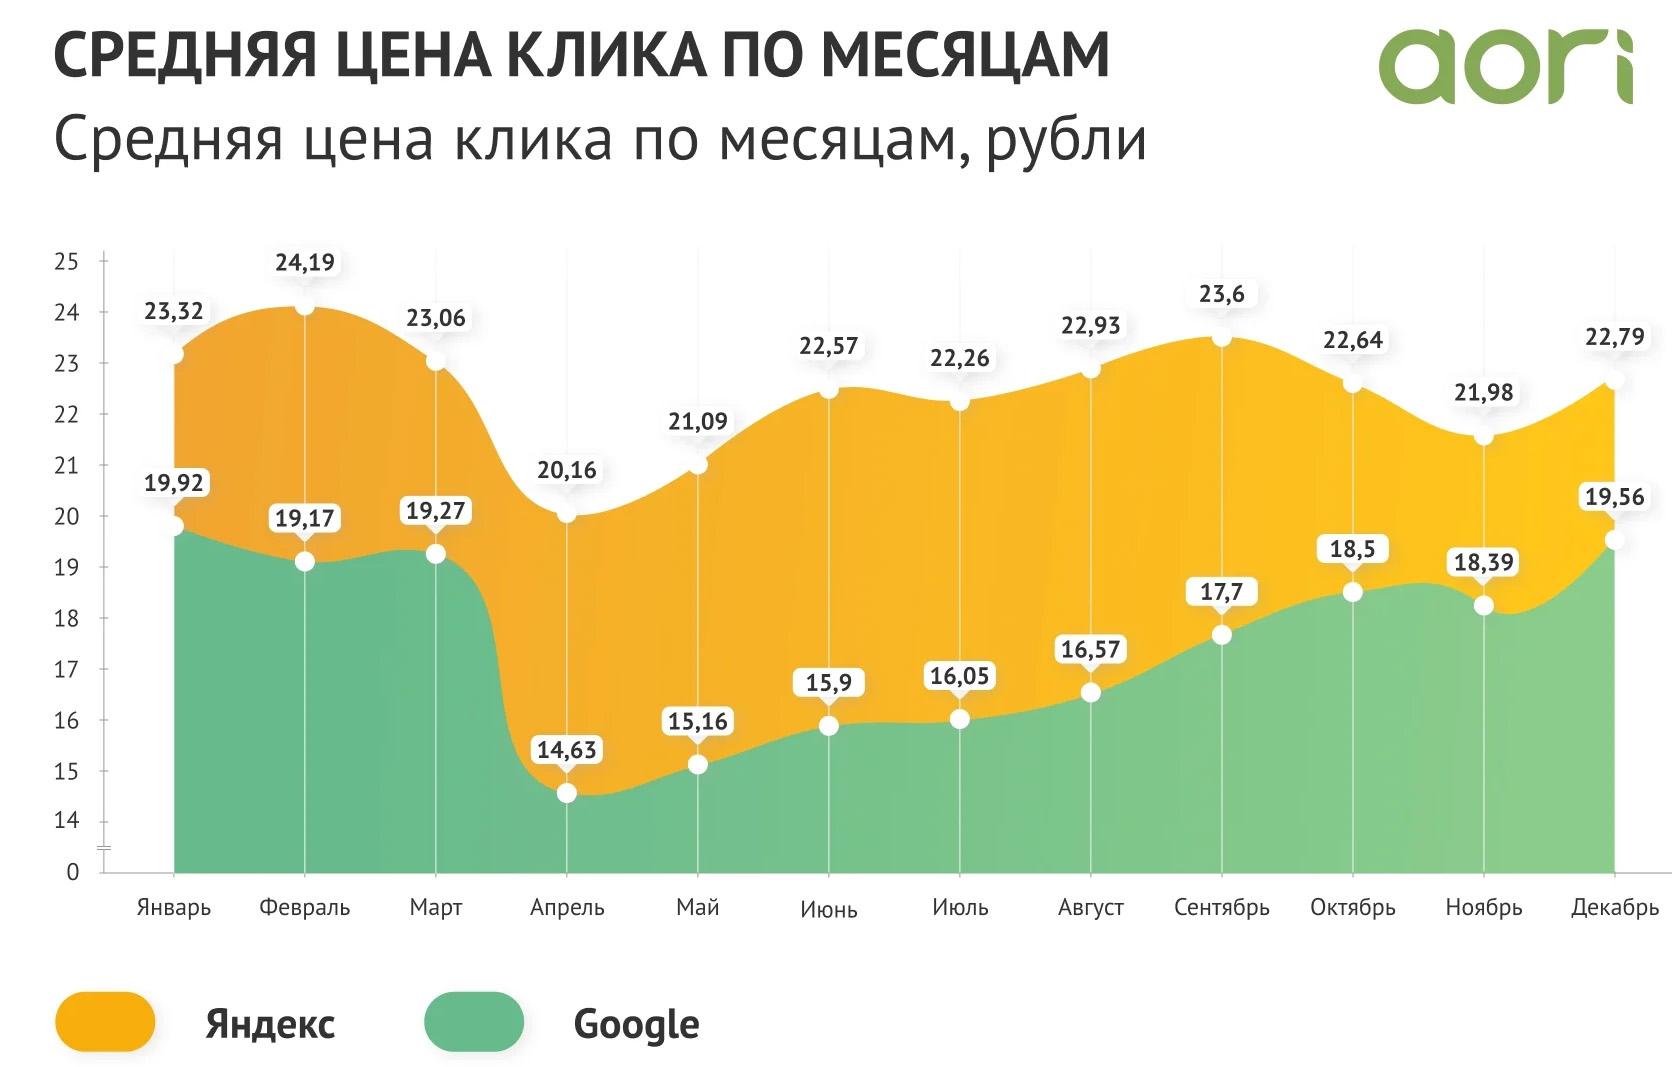 Средняя цена клика по месяцам Яндекс vs Гугл за 2020 год в России